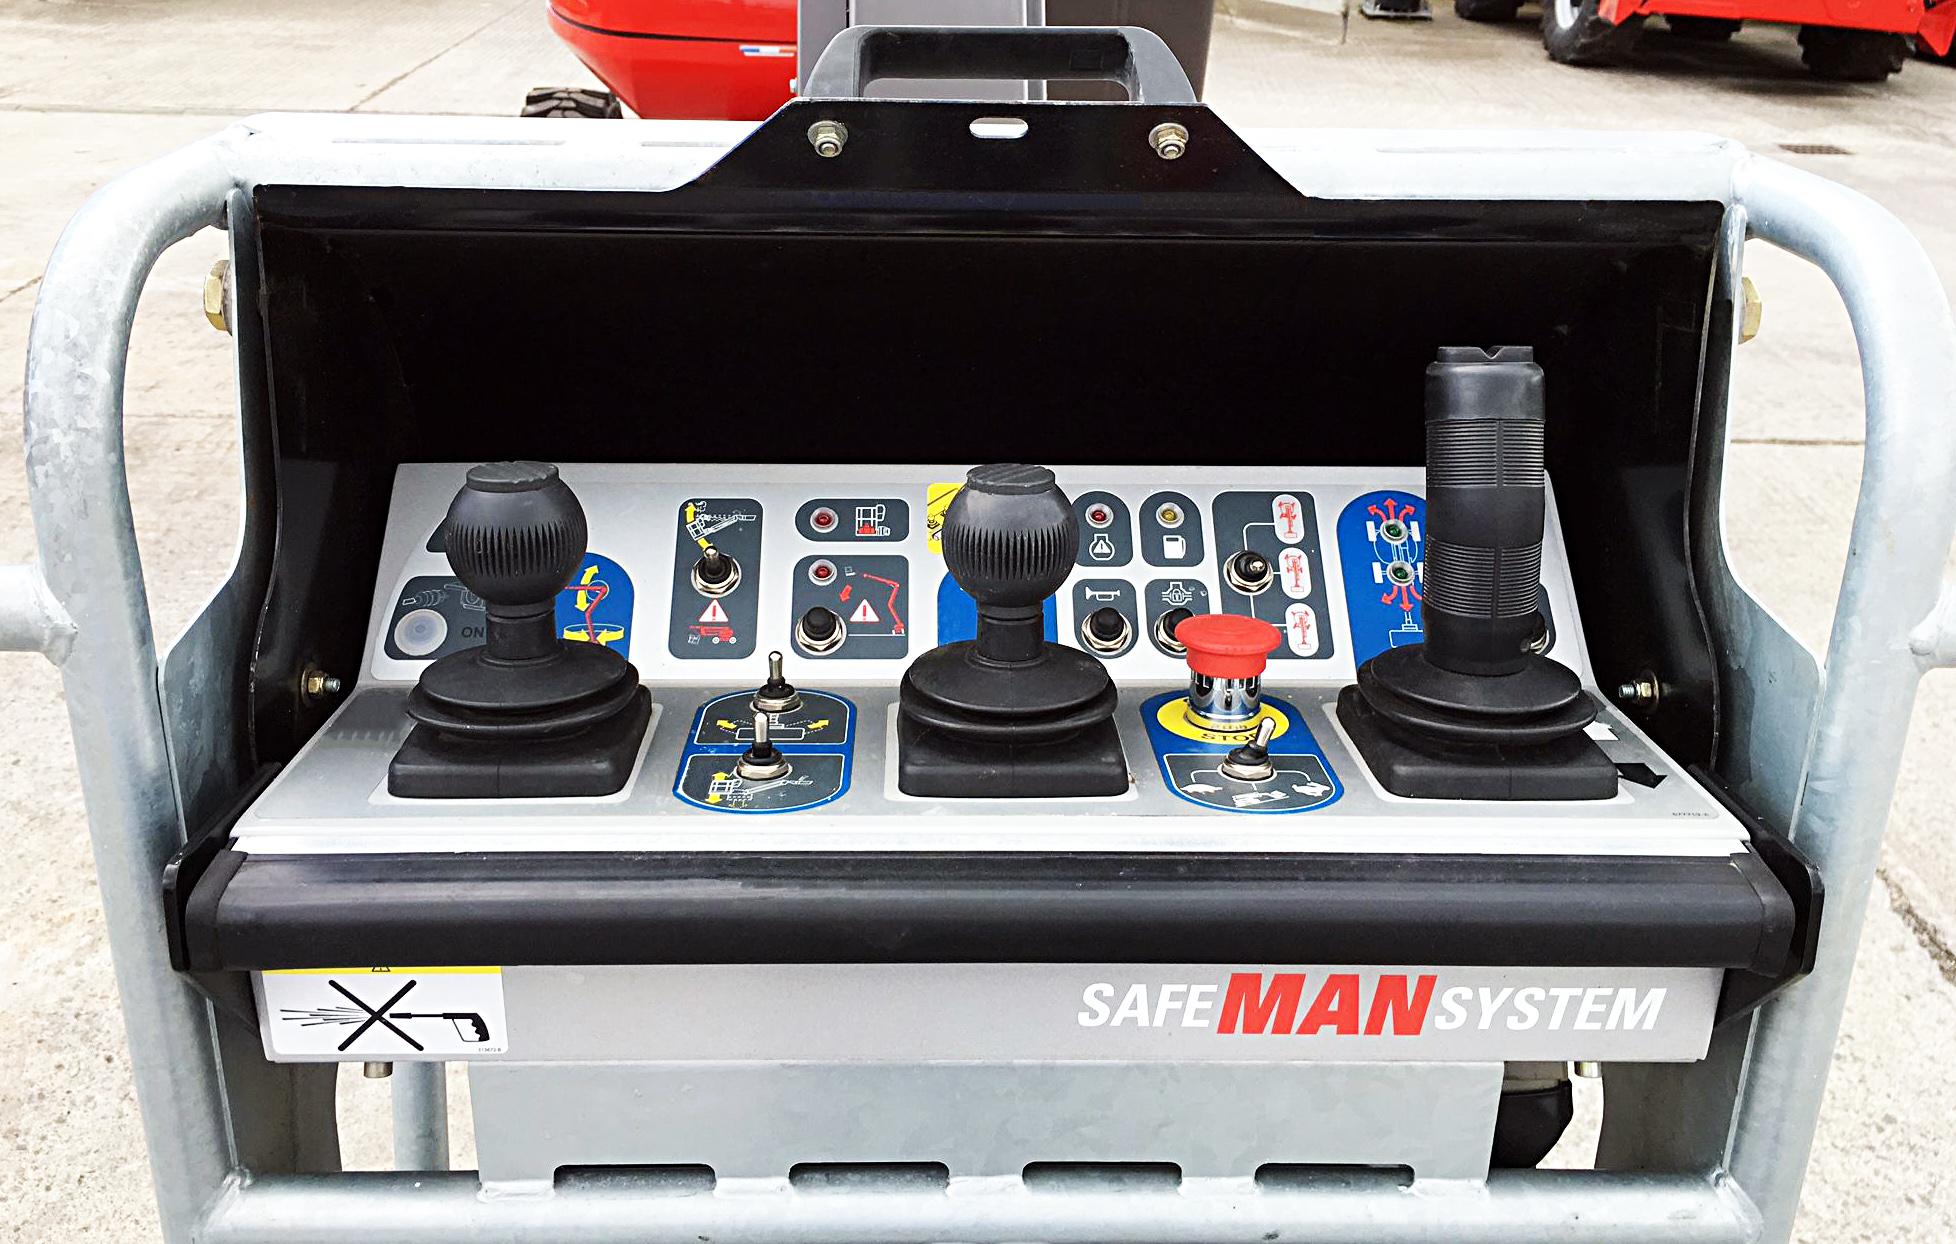 Safe Man System, el sistema de seguridad integrada de Manitou.